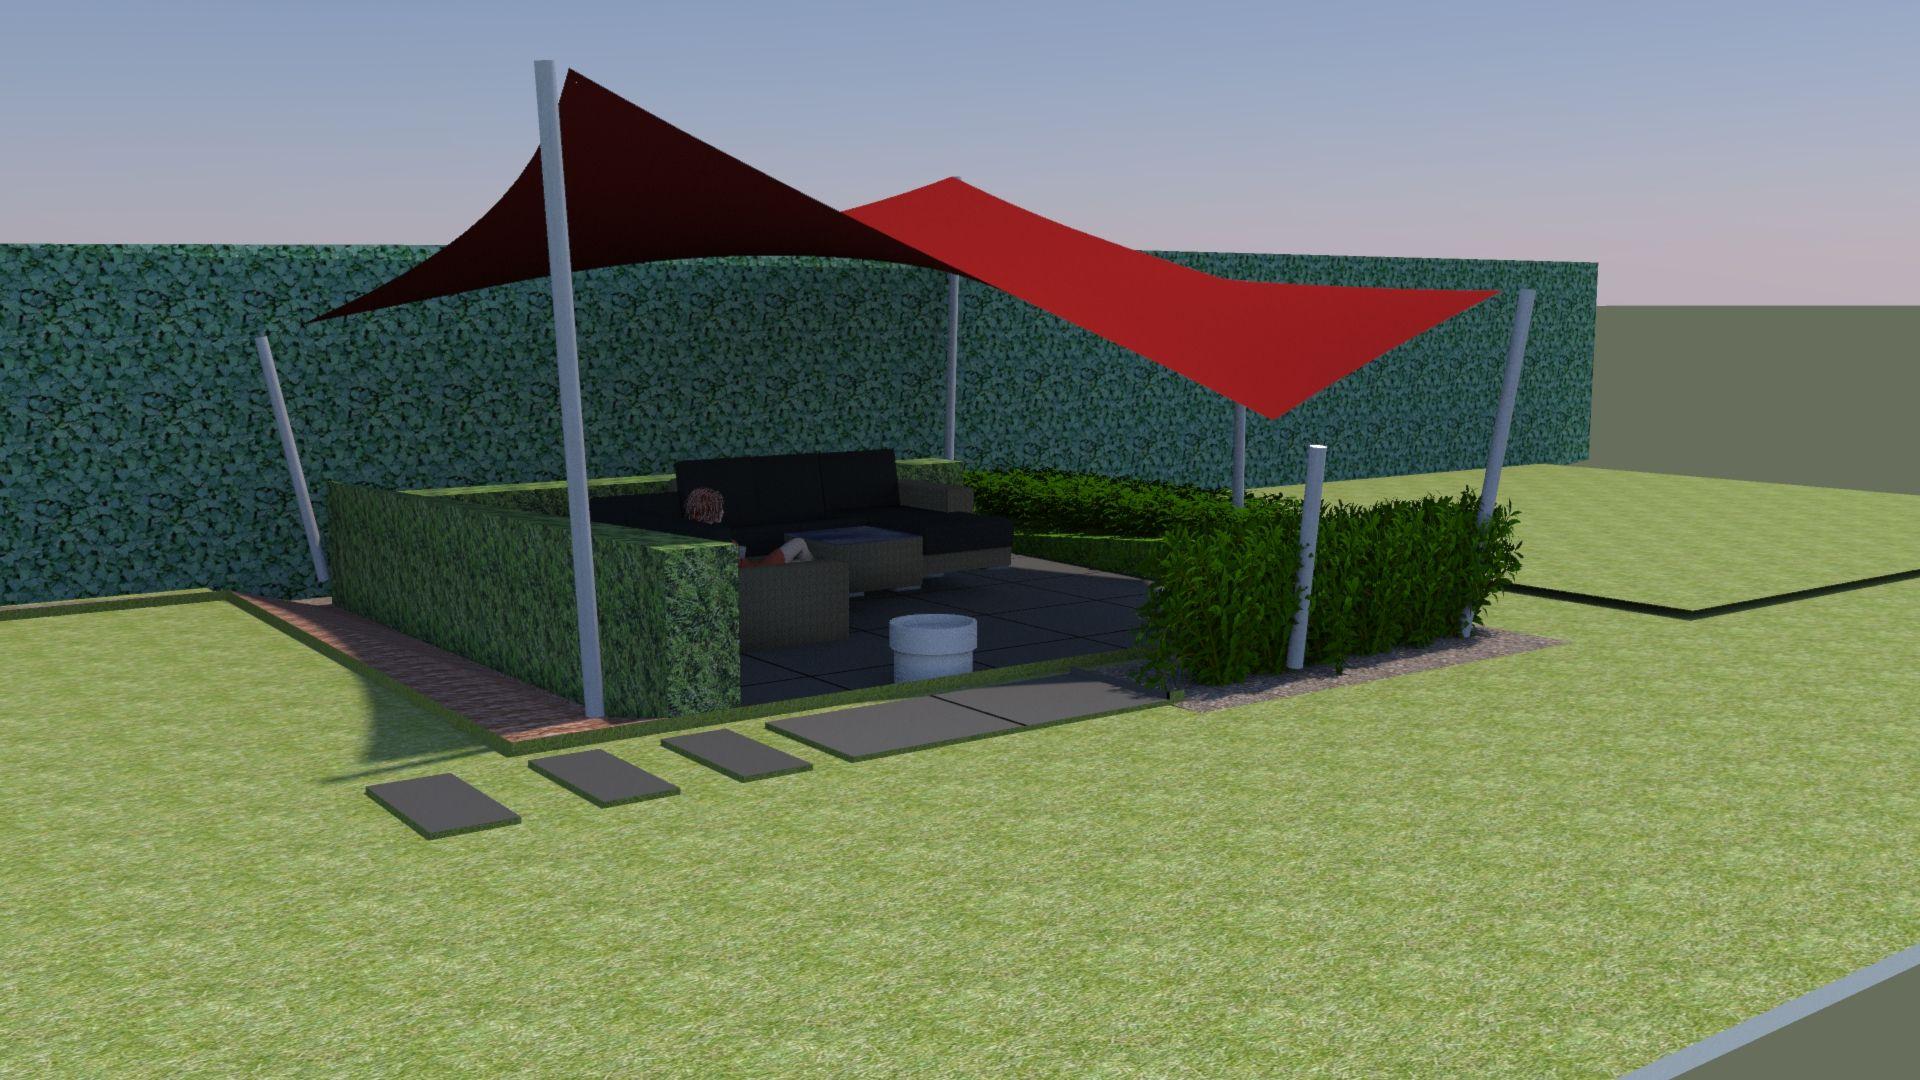 Overkapping Tuin Doek : Ontwerp voor een zonnedoek vrij liggend terras waterdicht doek